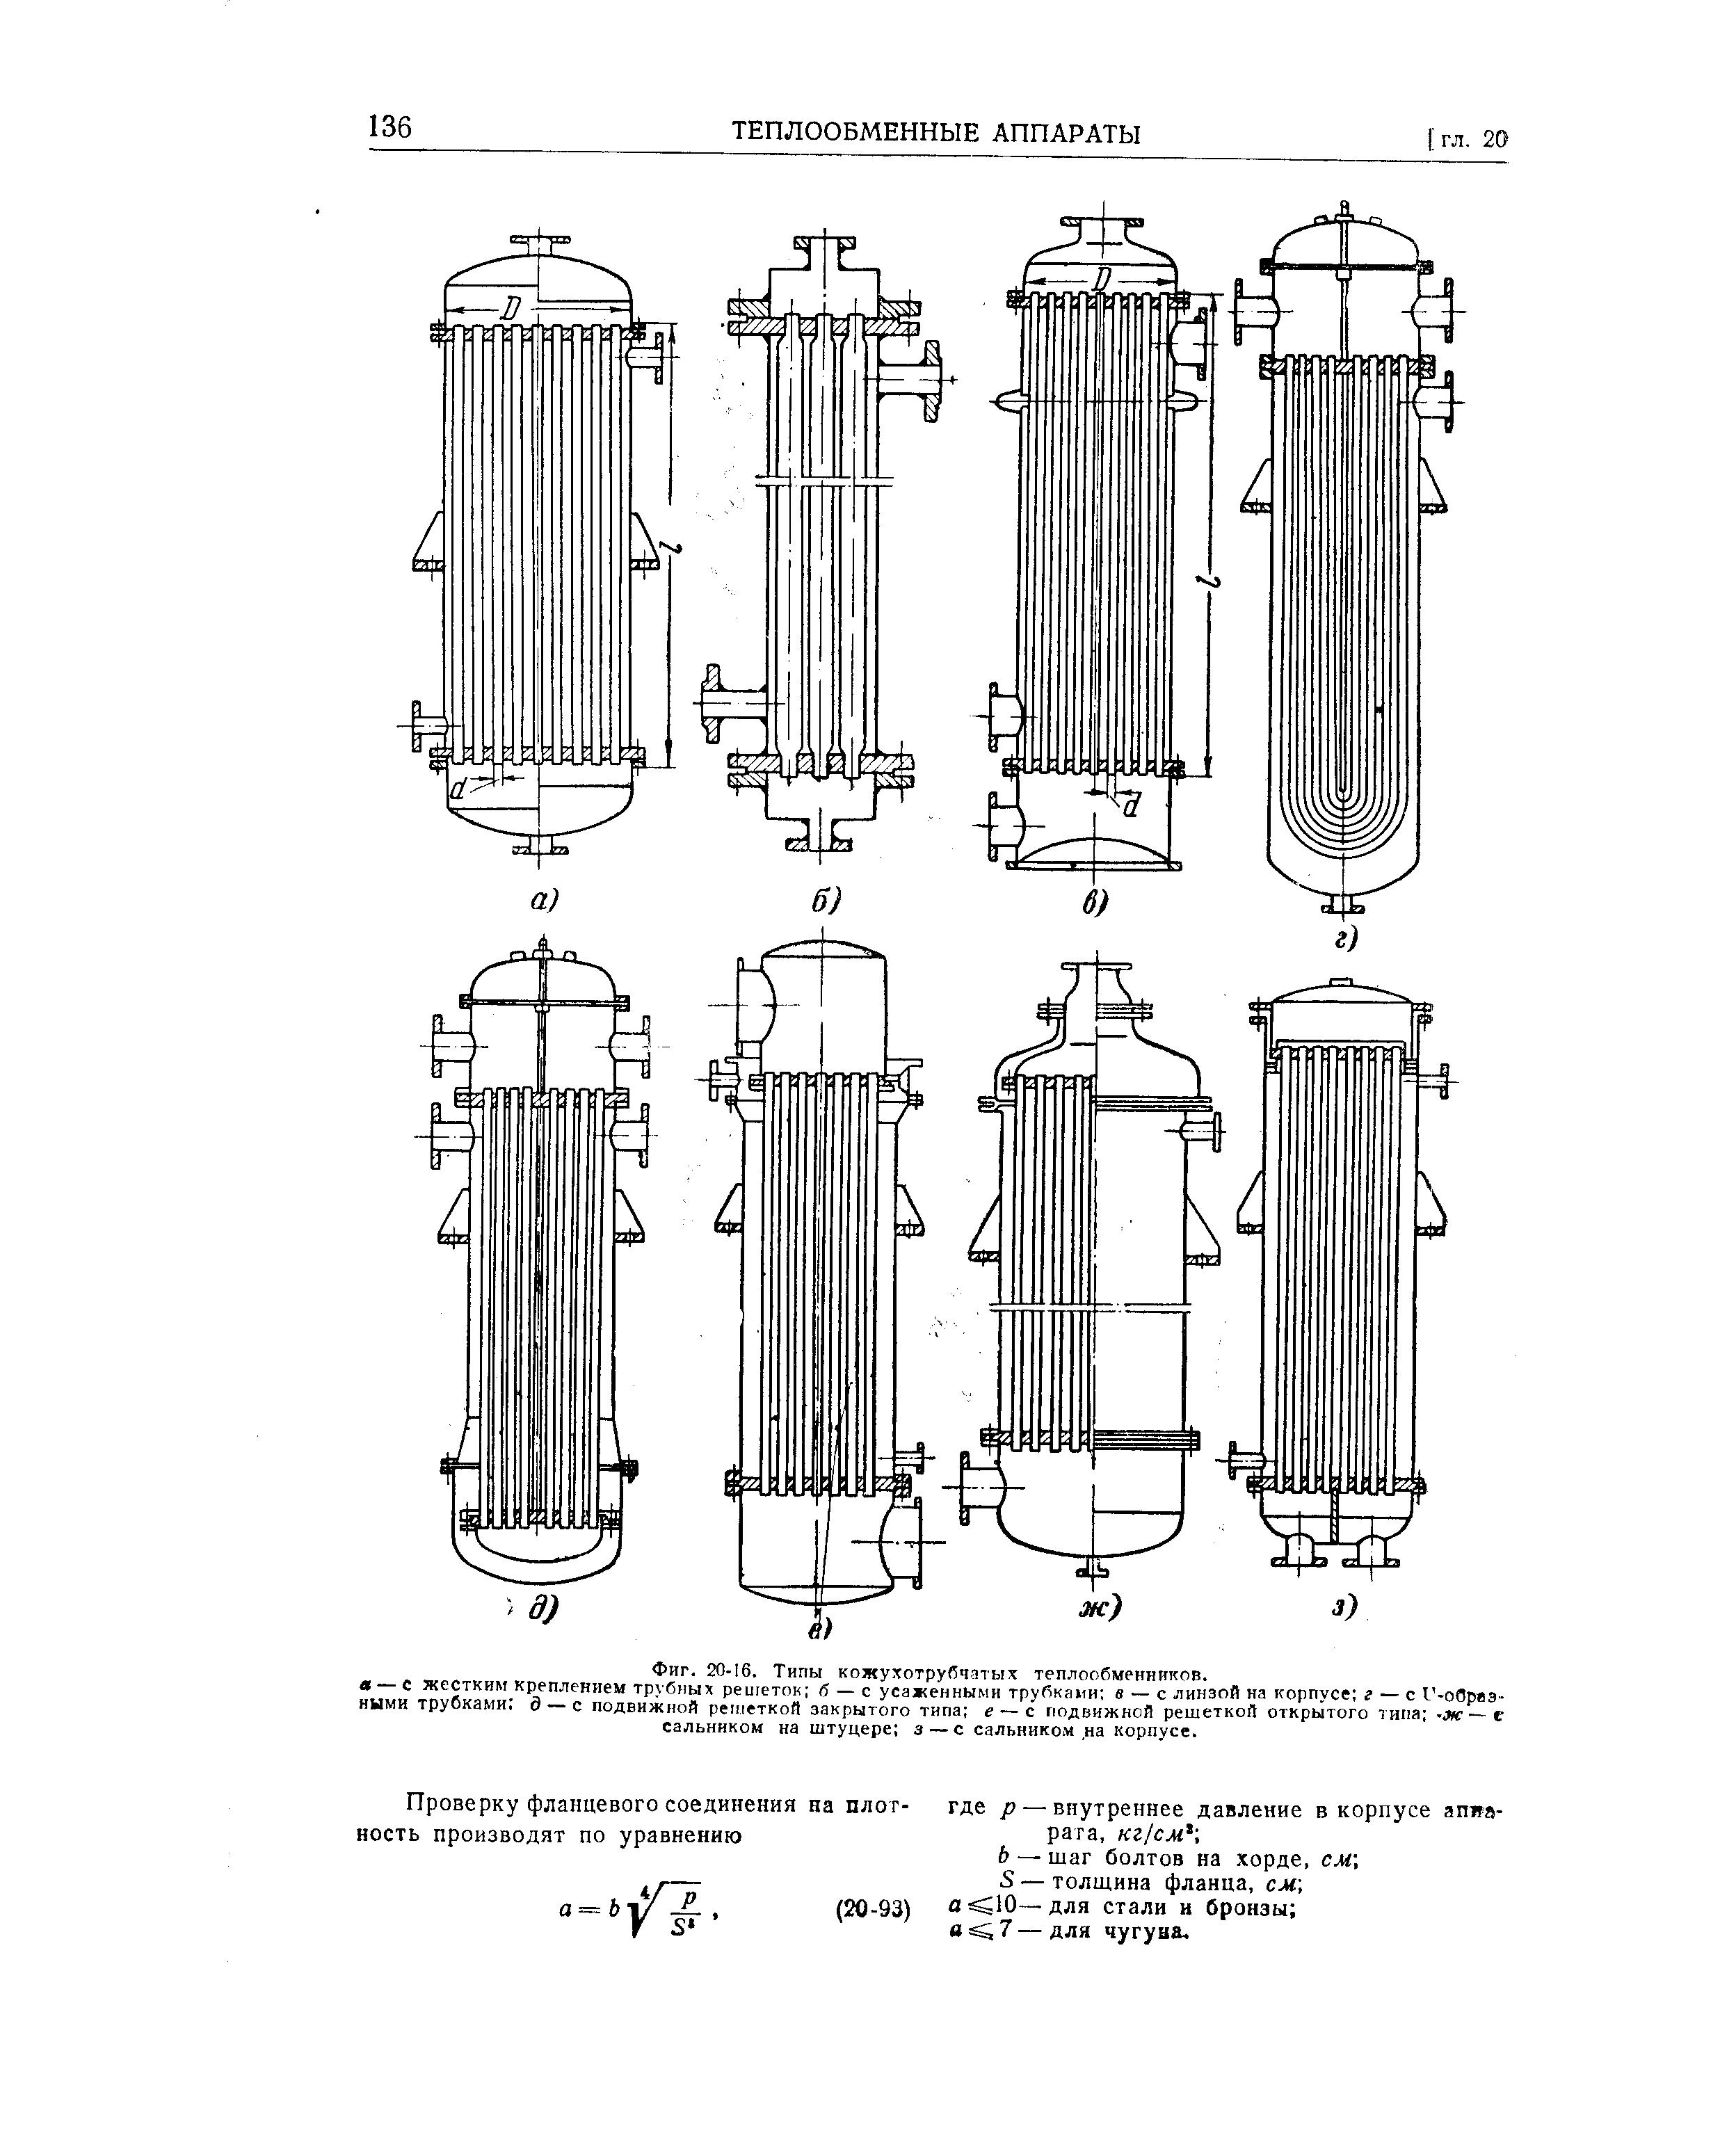 Кожухотрубный (кожухотрубчатый) теплообменник: типы, расчёт параметров, характеристики и принцип работы